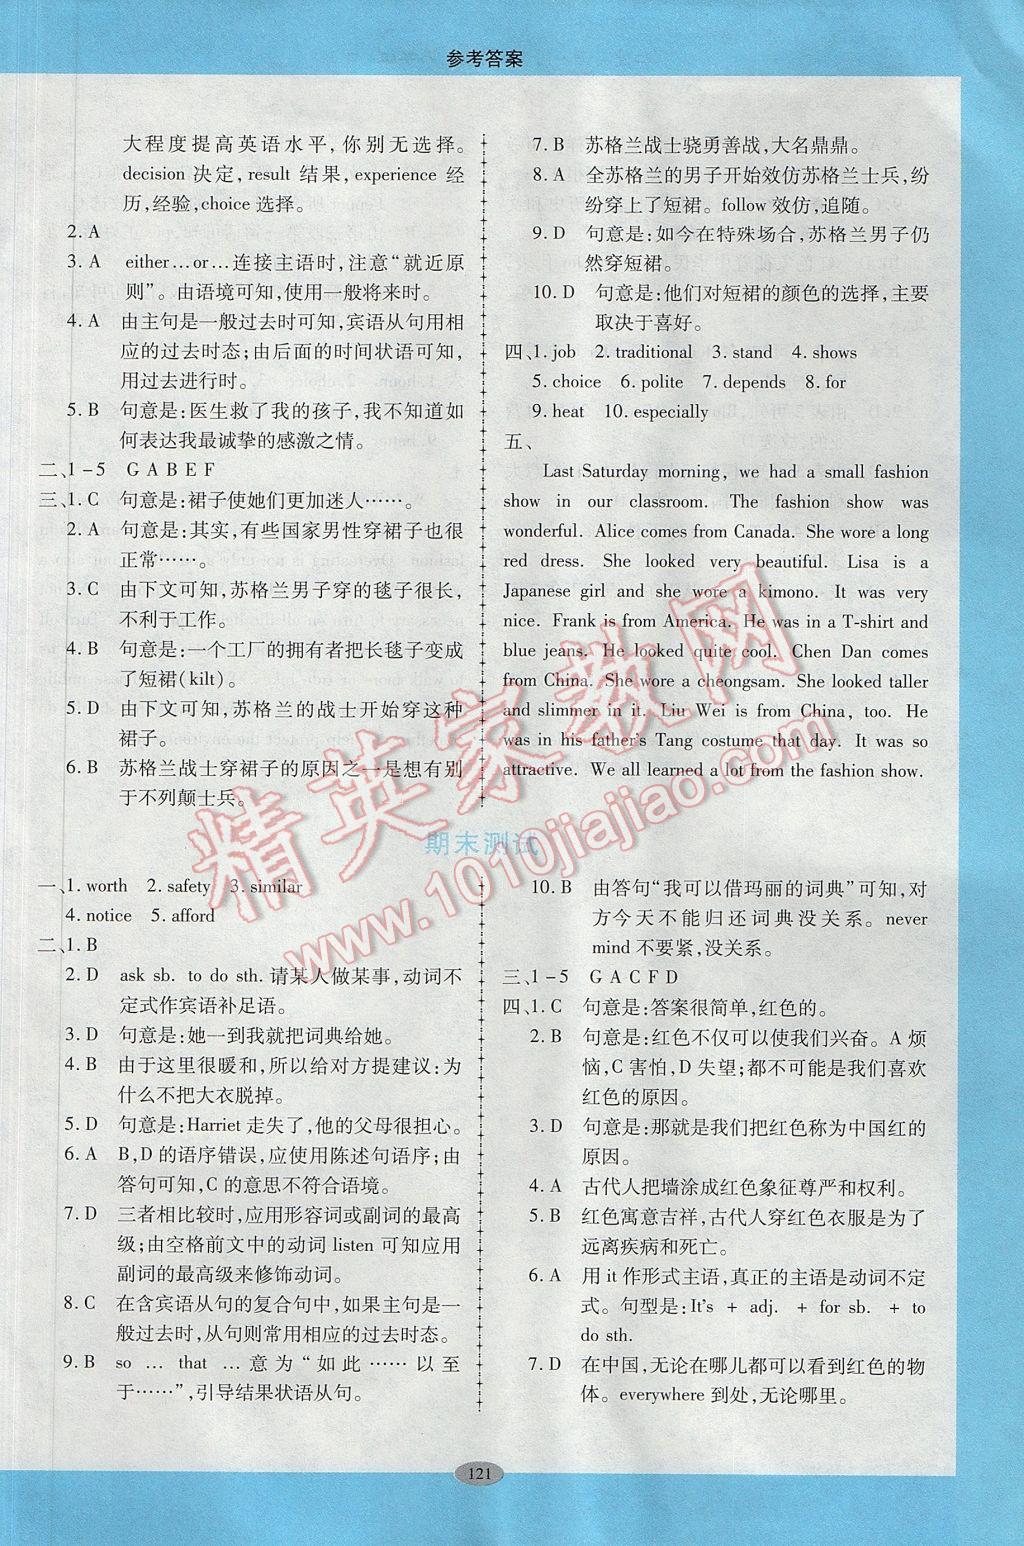 2017年仁爱英语同步练习册八年级下册双色版参考答案第24页